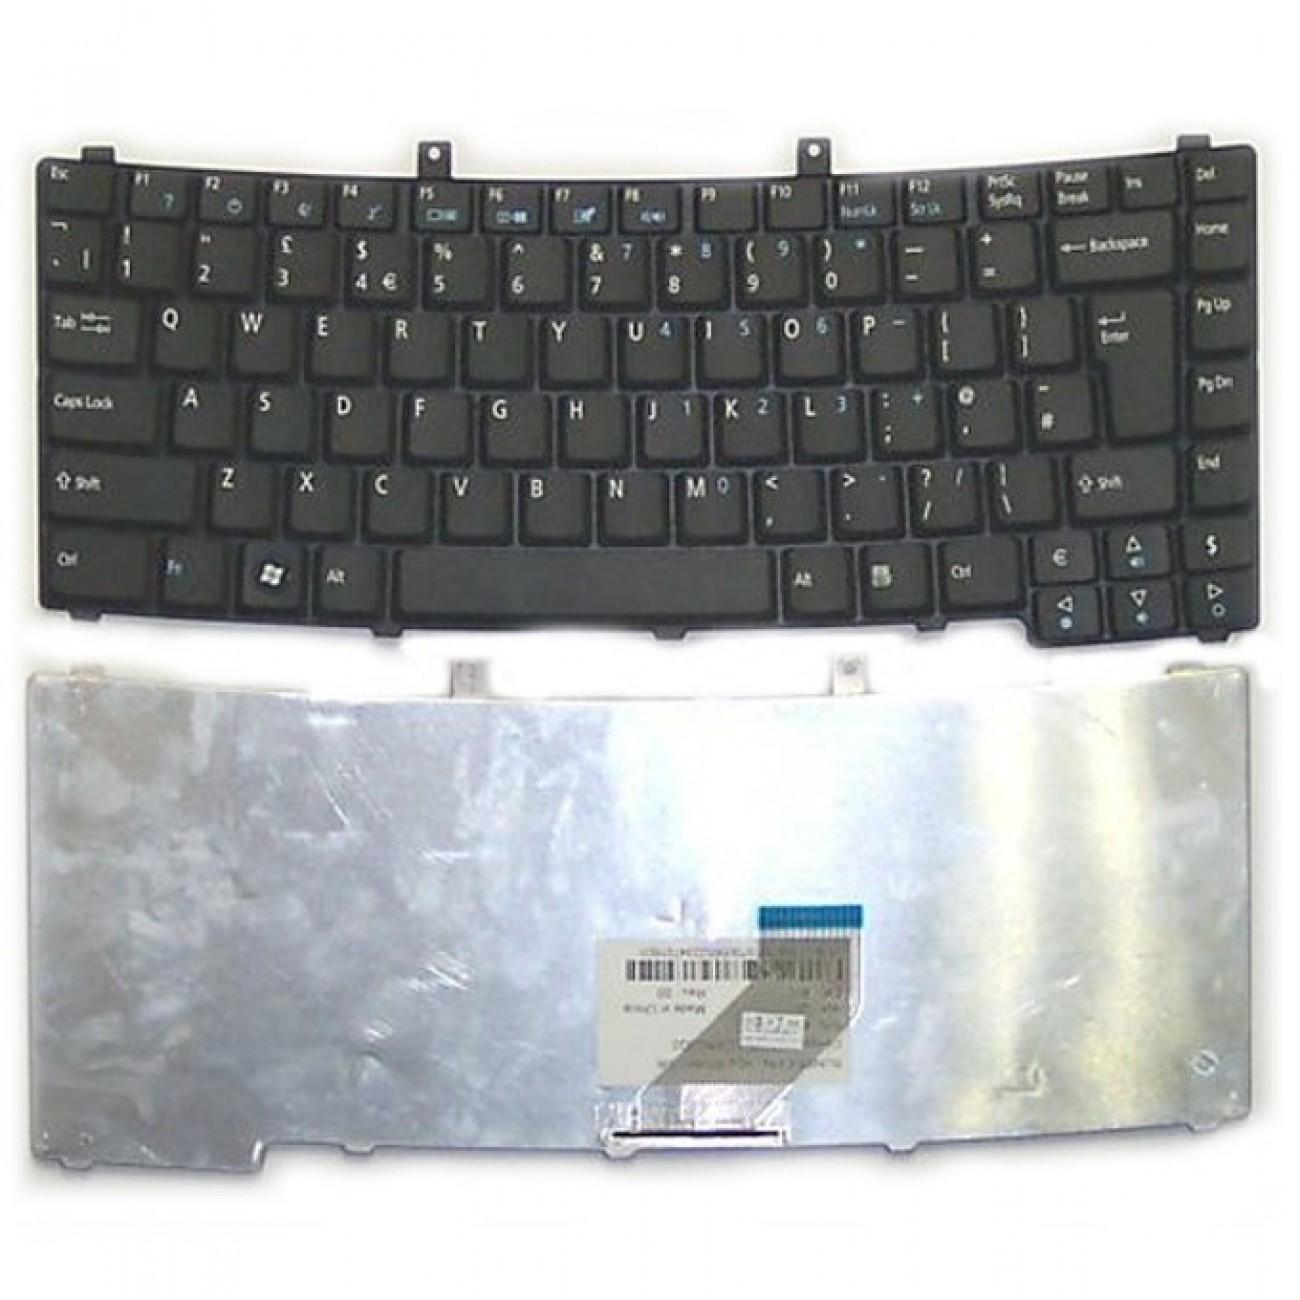 Клавиатура за лаптоп Acer, съвместима със серия TravelMate 2200 2490 3210 4230, черна, US/UK в Резервни части -  | Alleop